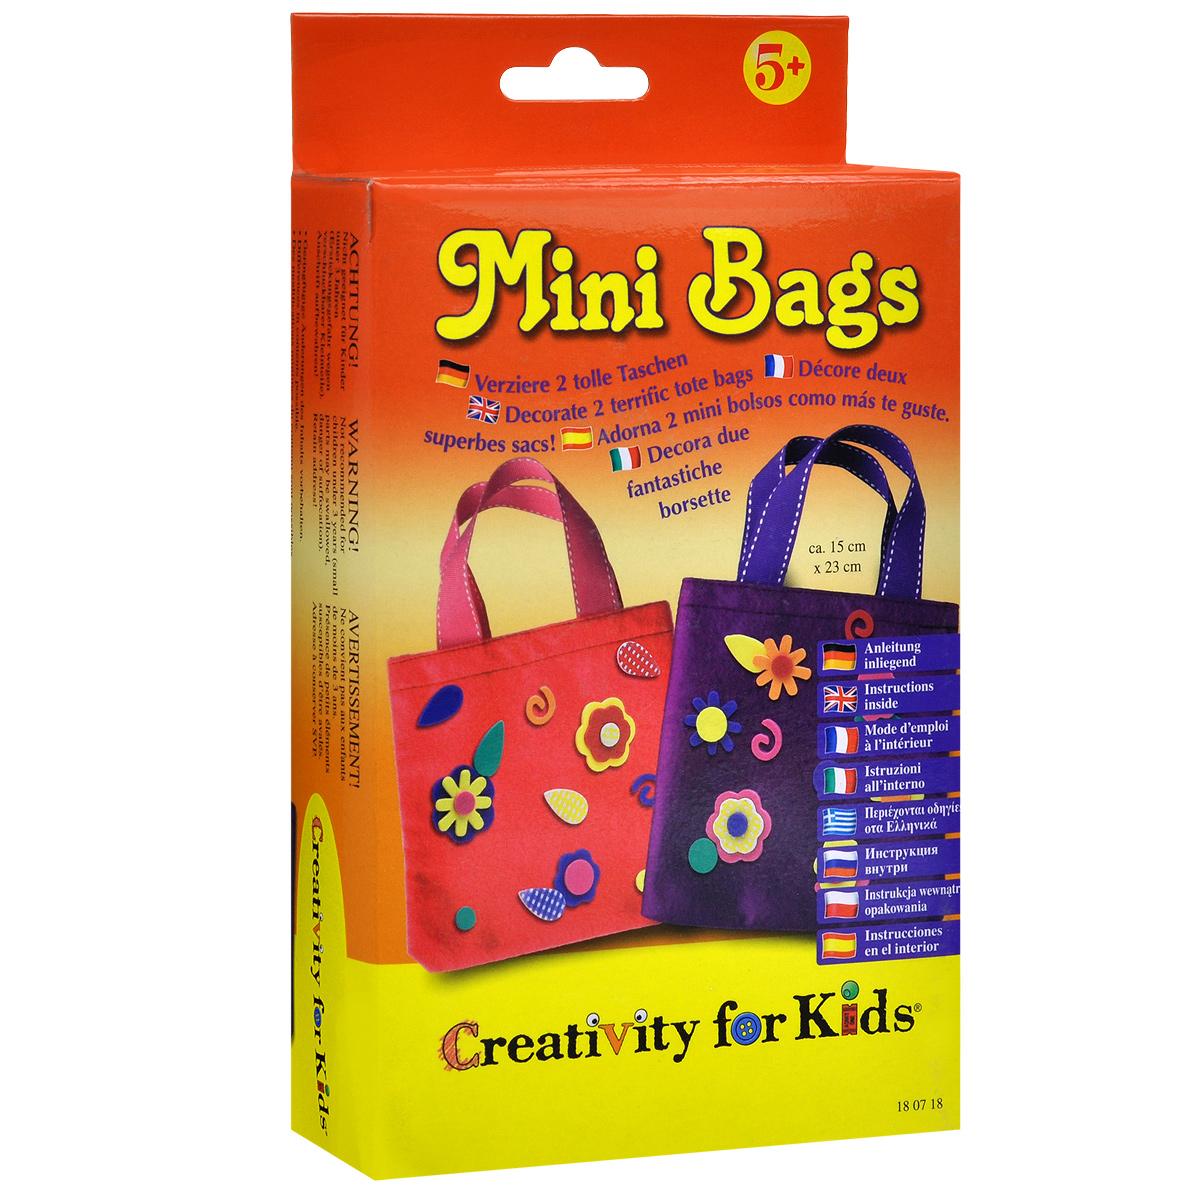 """Набор для творчества Faber-Castell """"Мини-сумочки"""" непременно понравится вашей малышке. С помощью этого замечательного набора ваша дочурка сможет создать свои уникальные сумочки, стоит всего лишь наклеить на них наклейки на свое усмотрение. В набор входит: 2 сумочки розового и фиолетового цвета, наклейки различных форм и цветов, инструкция на русском языке. Ваш ребенок с удовольствием будет носить эти стильные и модные сумочки. Порадуйте своего ребенка таким замечательным подарком!"""